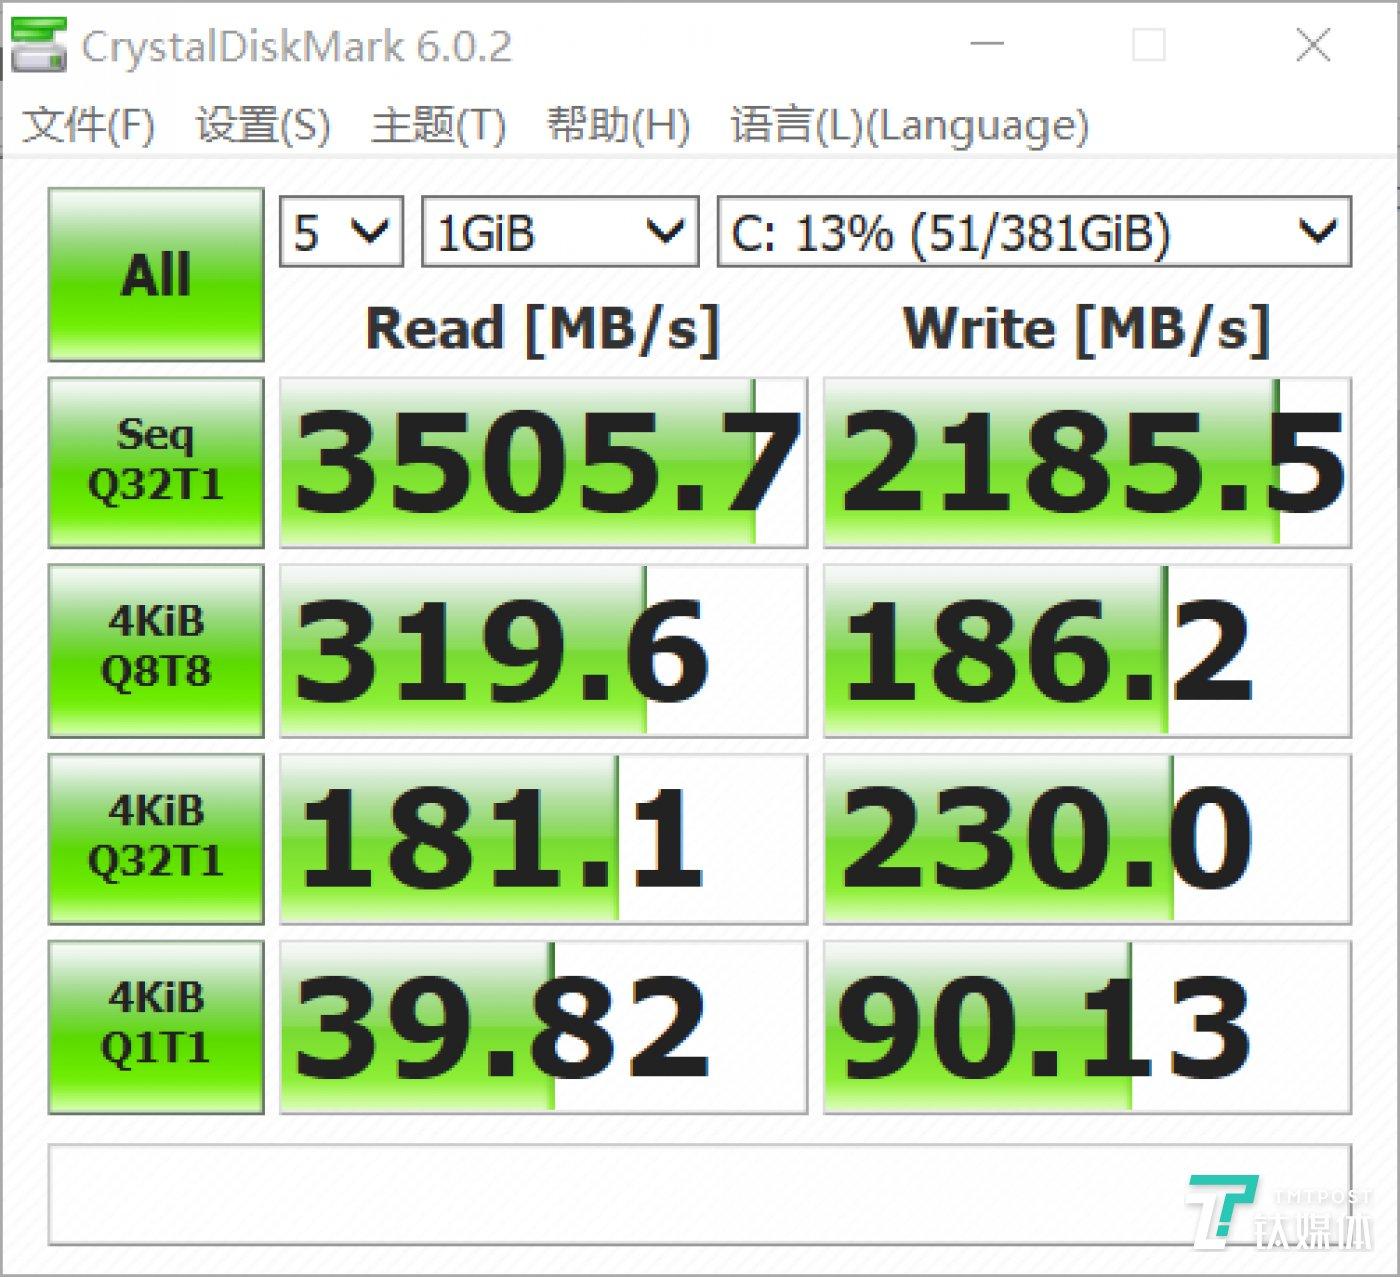 华硕灵珑II评测:获英特尔雅典娜计划认证,重量仅990克